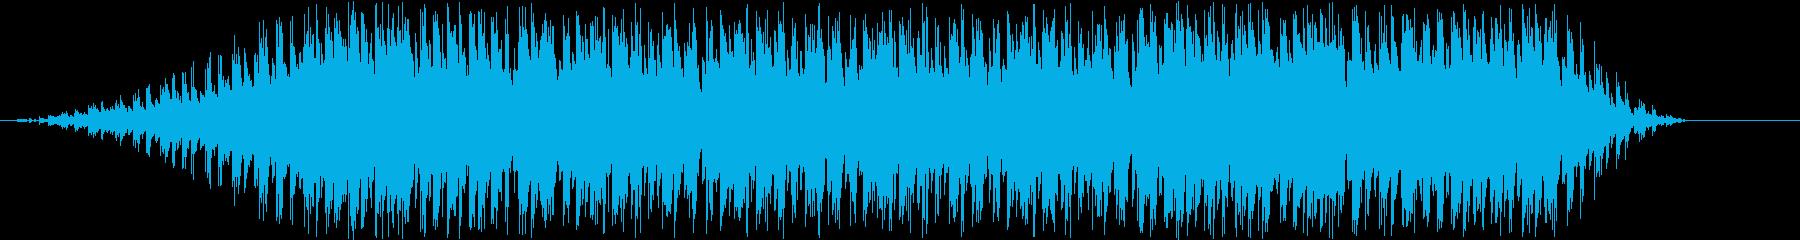 おしゃれなクラブ系ピアノBGMの再生済みの波形